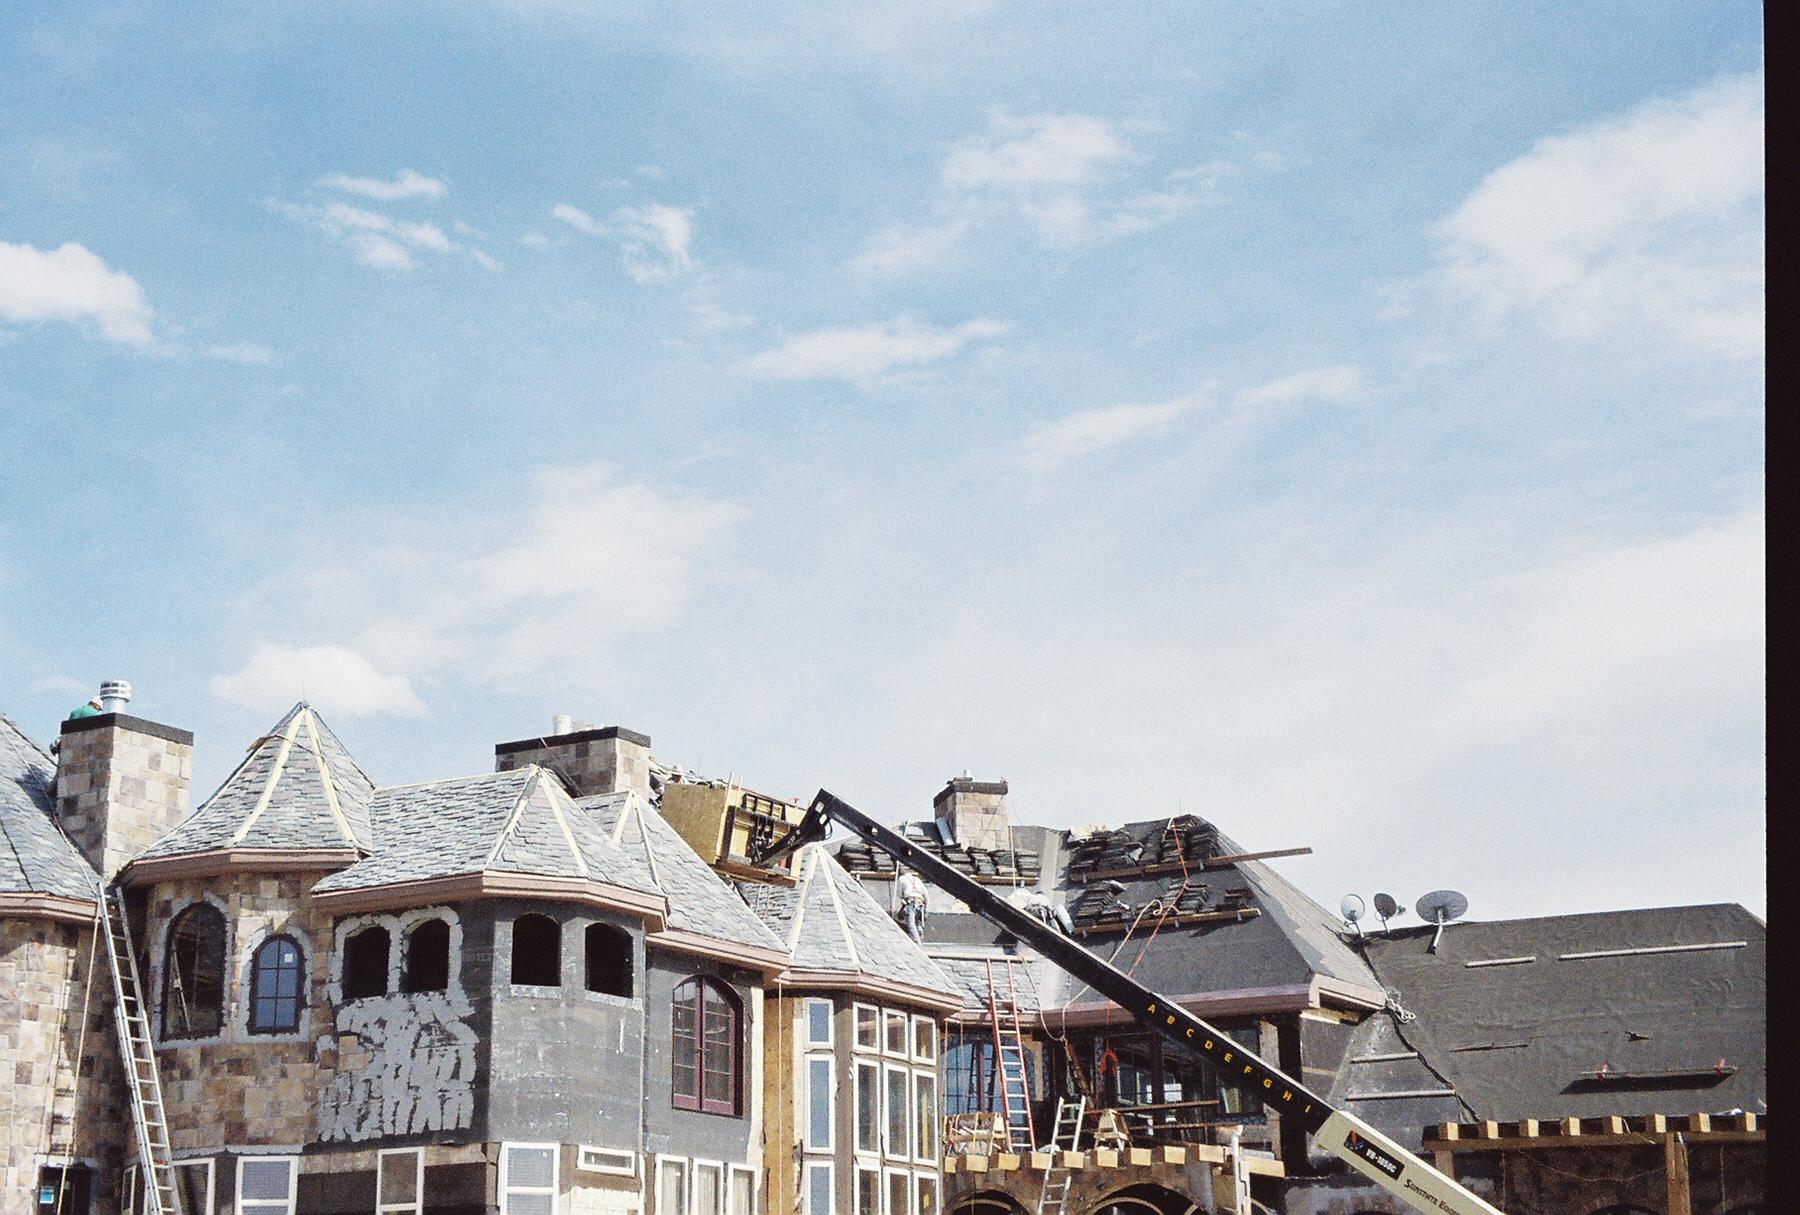 Apollo Roofing & Repairs LLC image 3